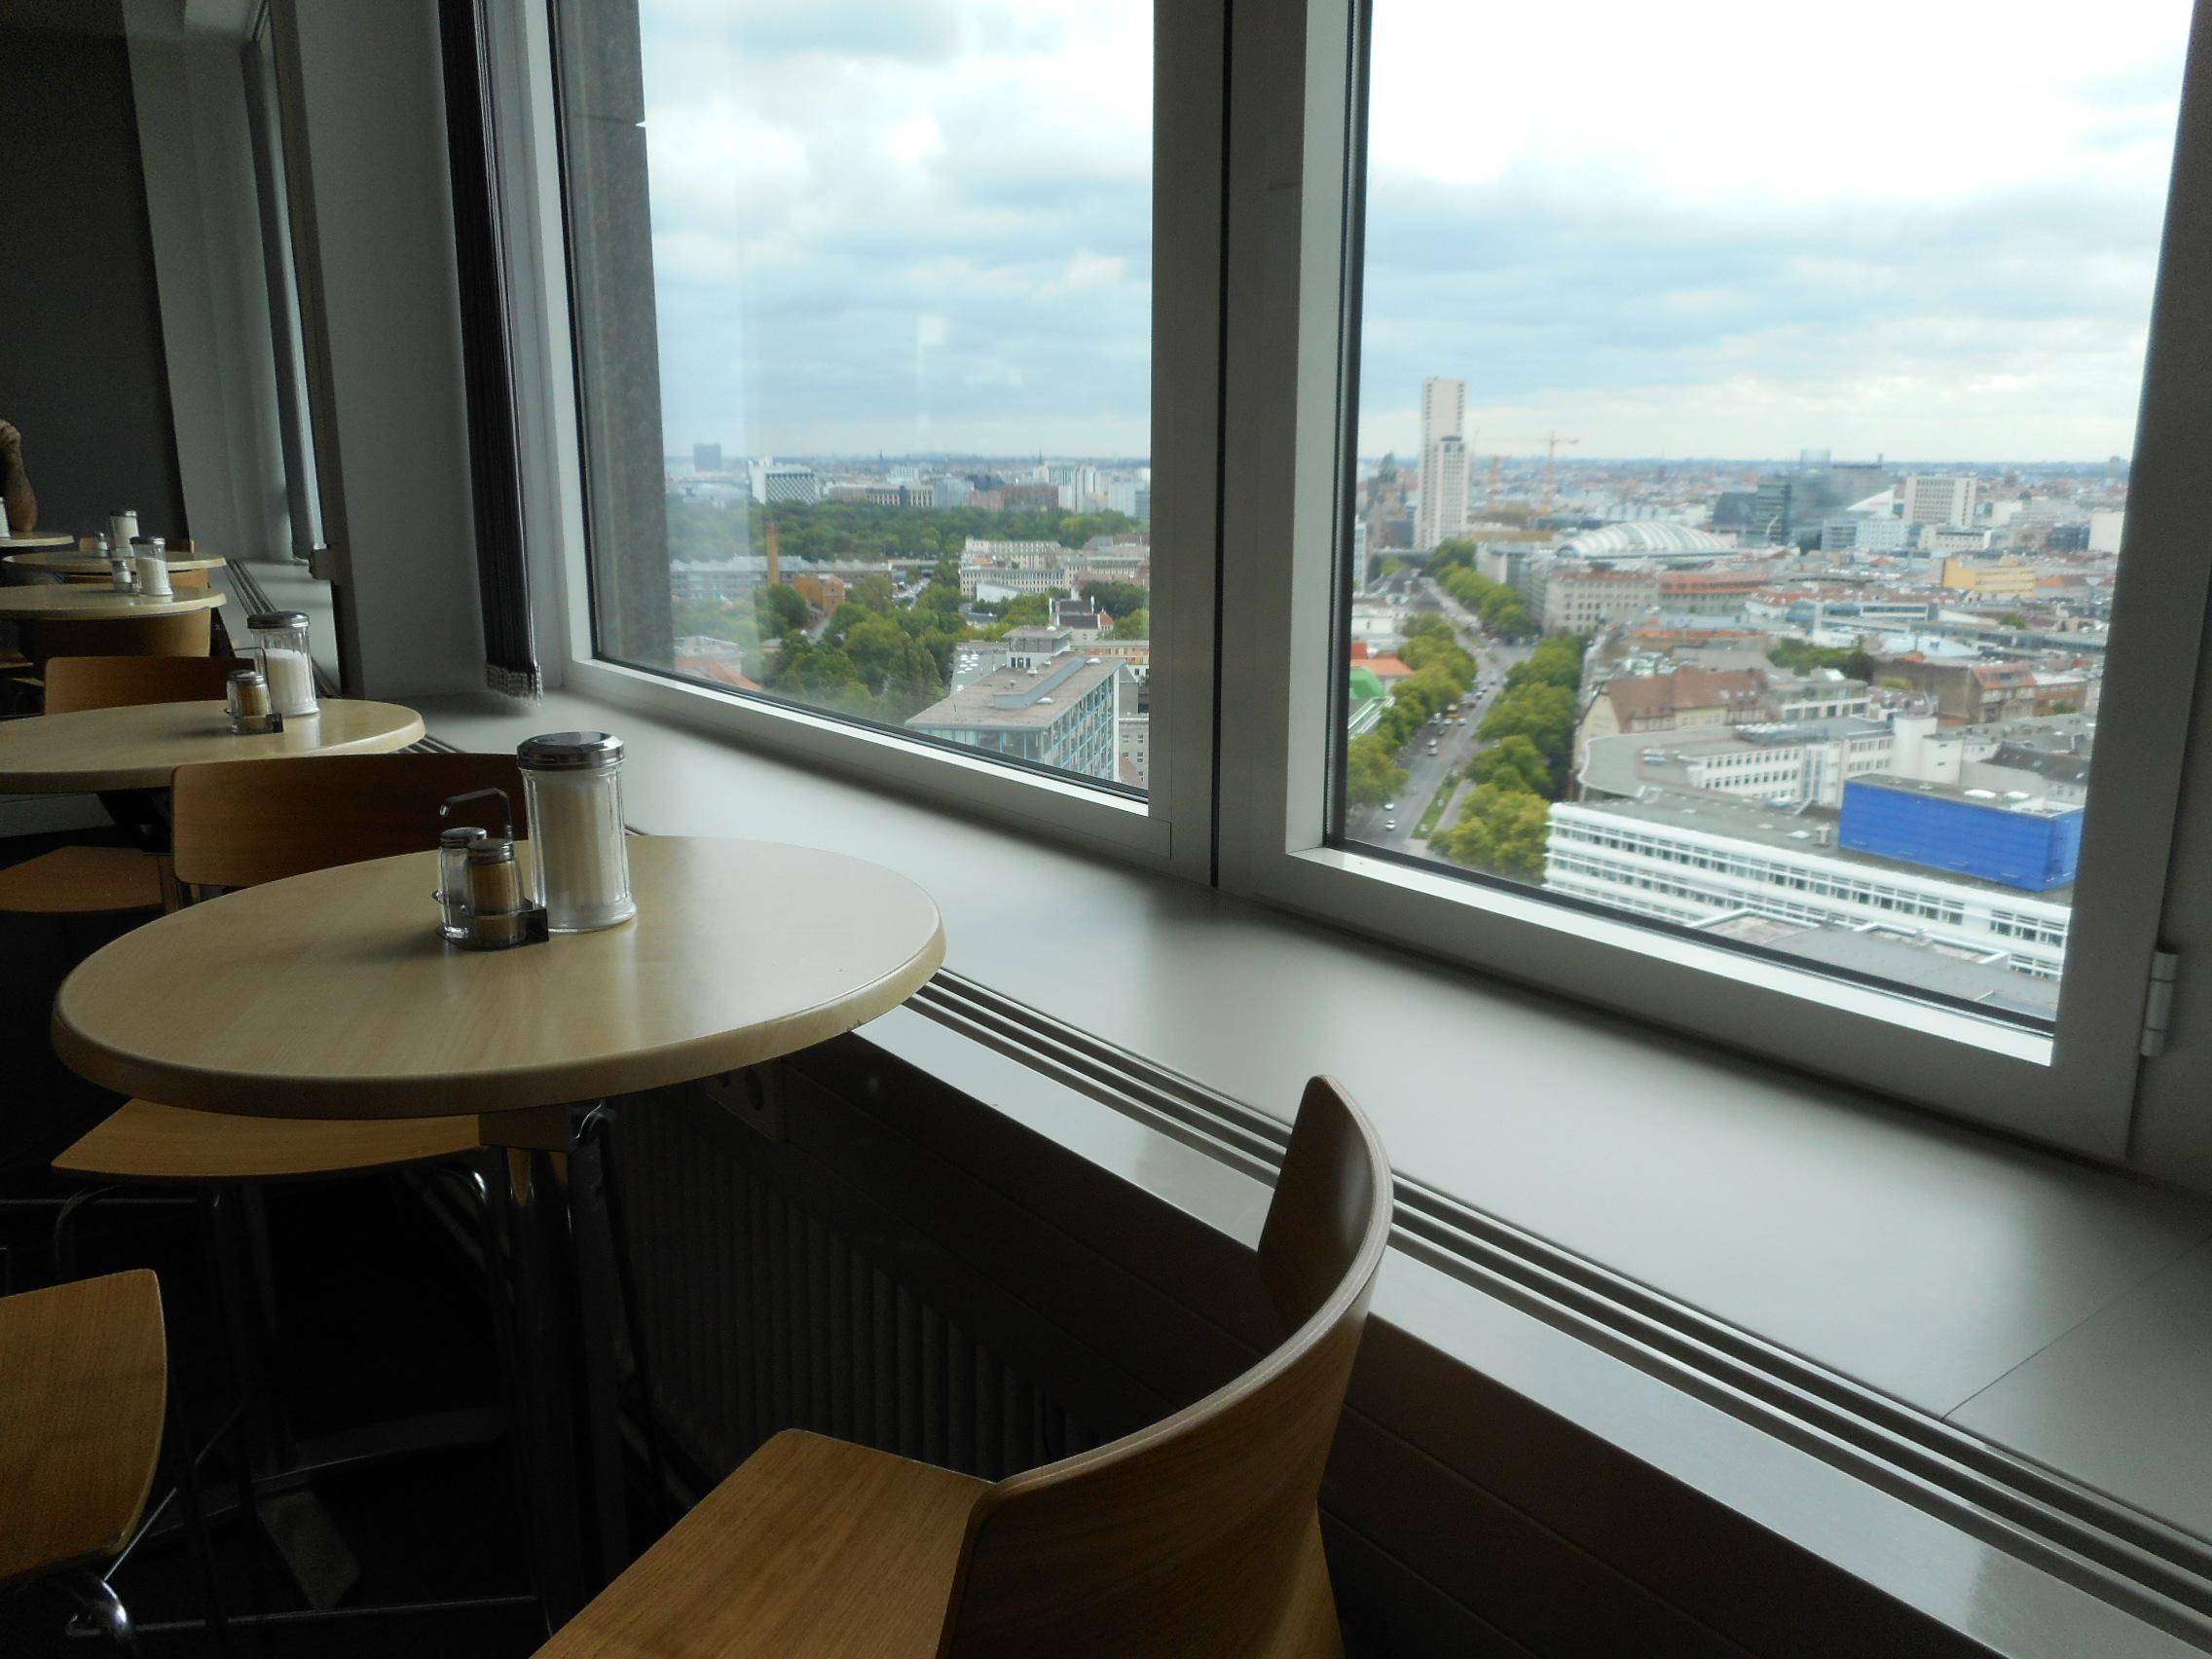 skyline-cafeteria-berlin-seats